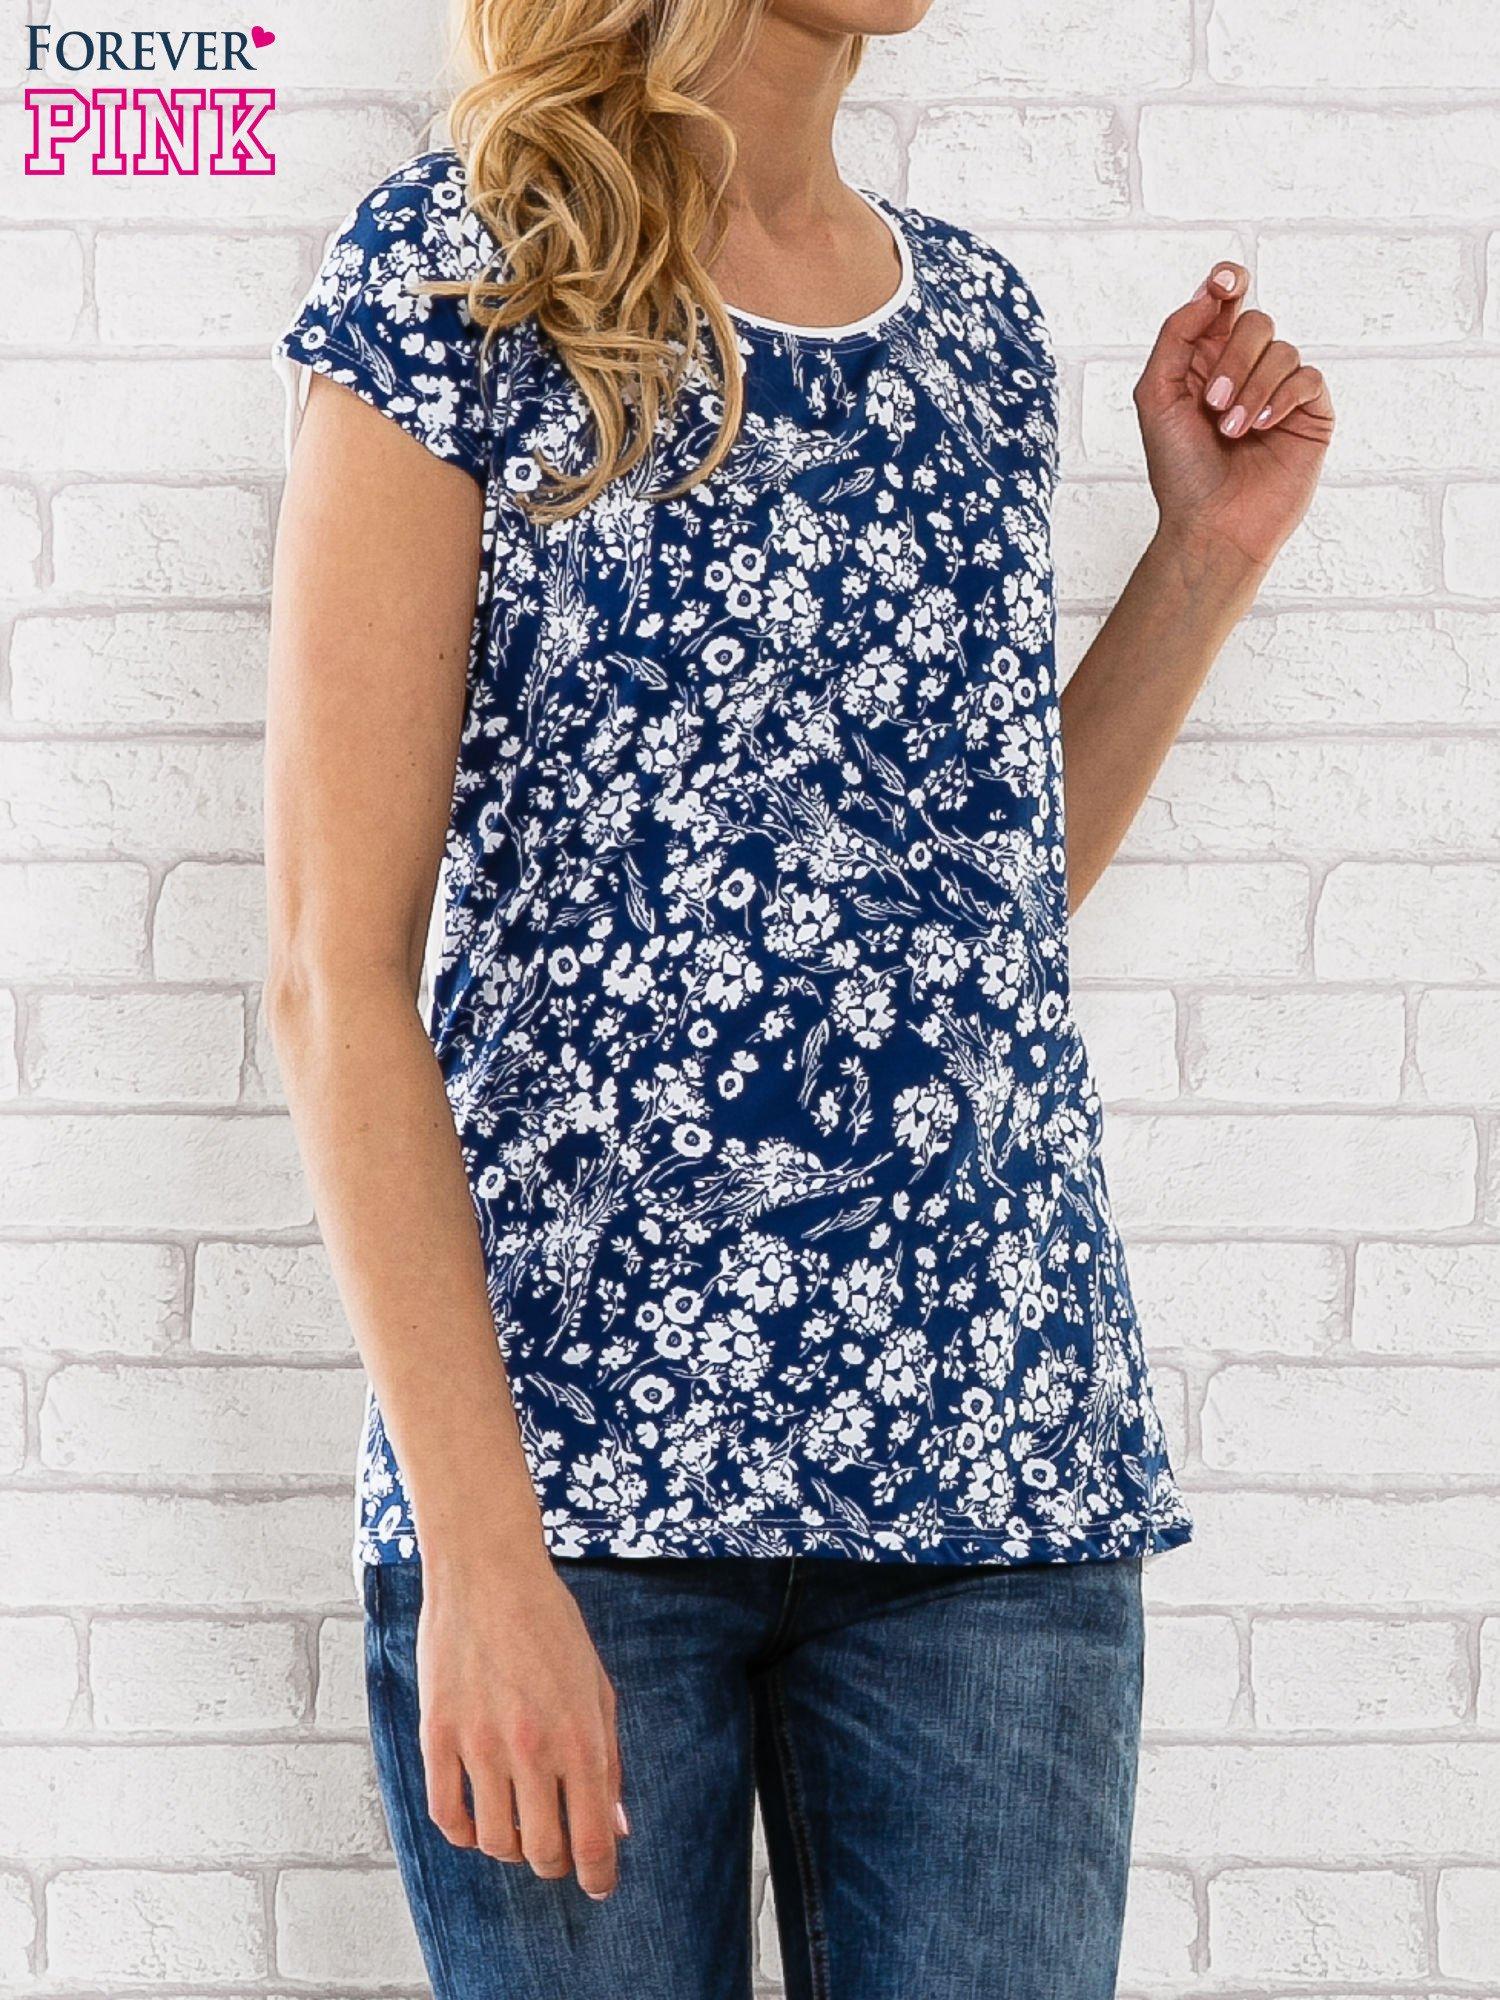 Granatowy t-shirt z białym kwiatowym motywem                                  zdj.                                  1